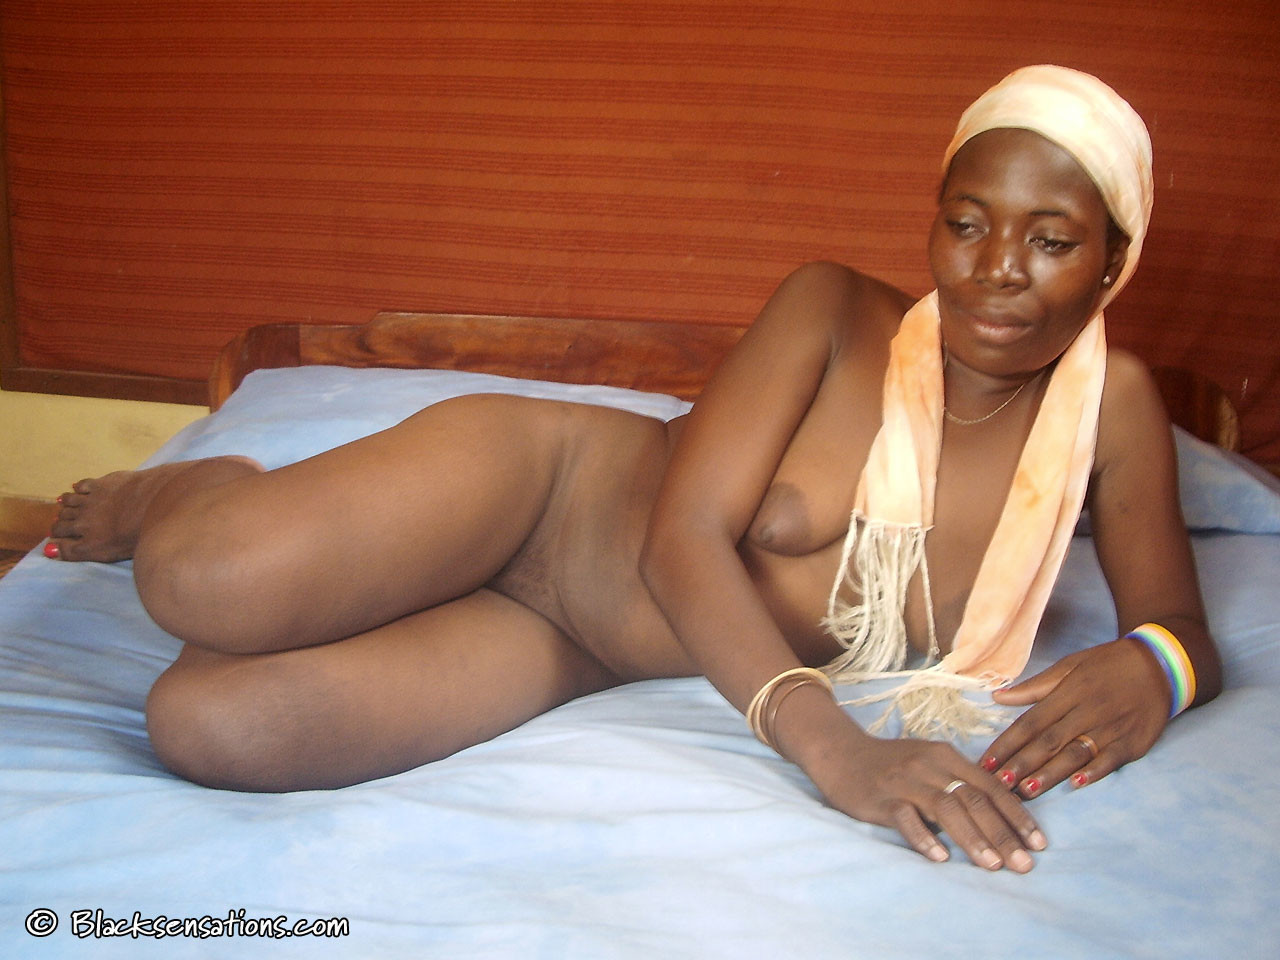 Реальная африканка из Ганы позирует голая за деньги